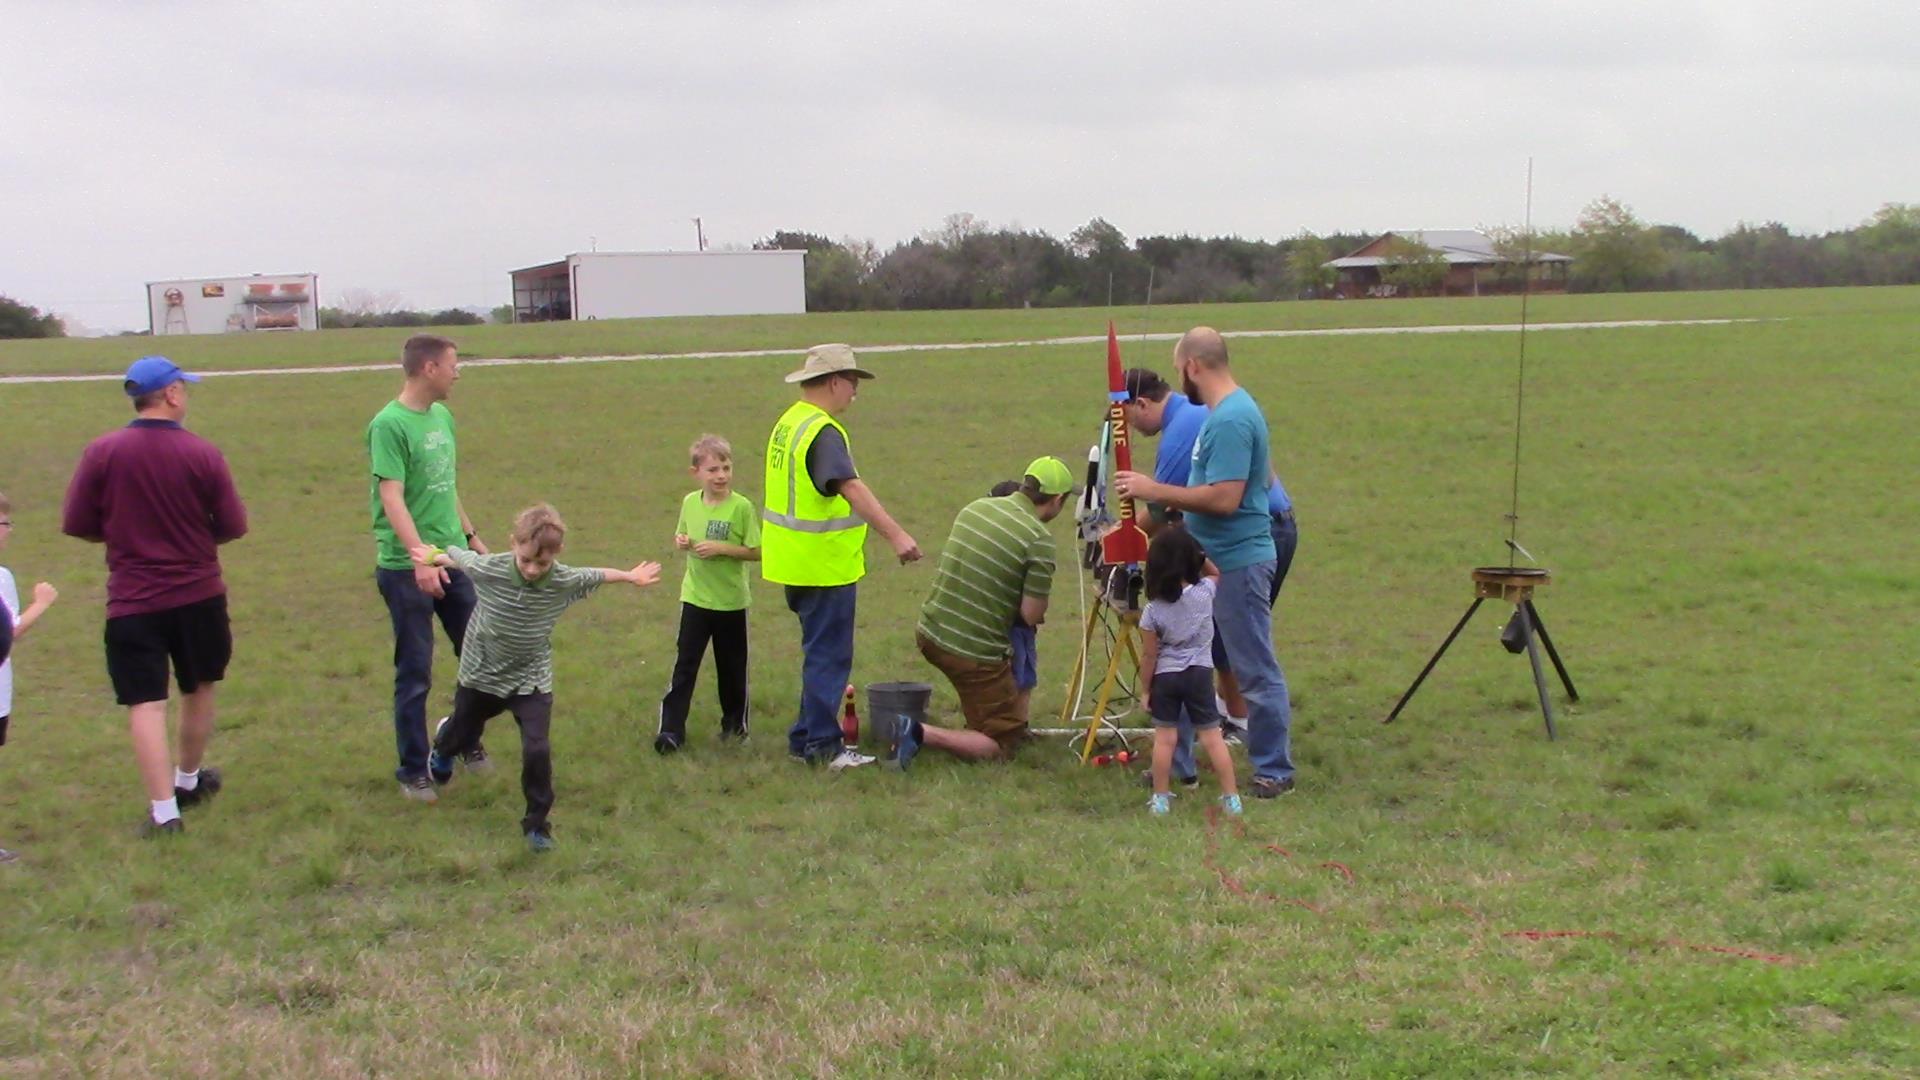 Family Friendly Model Rocket Launch